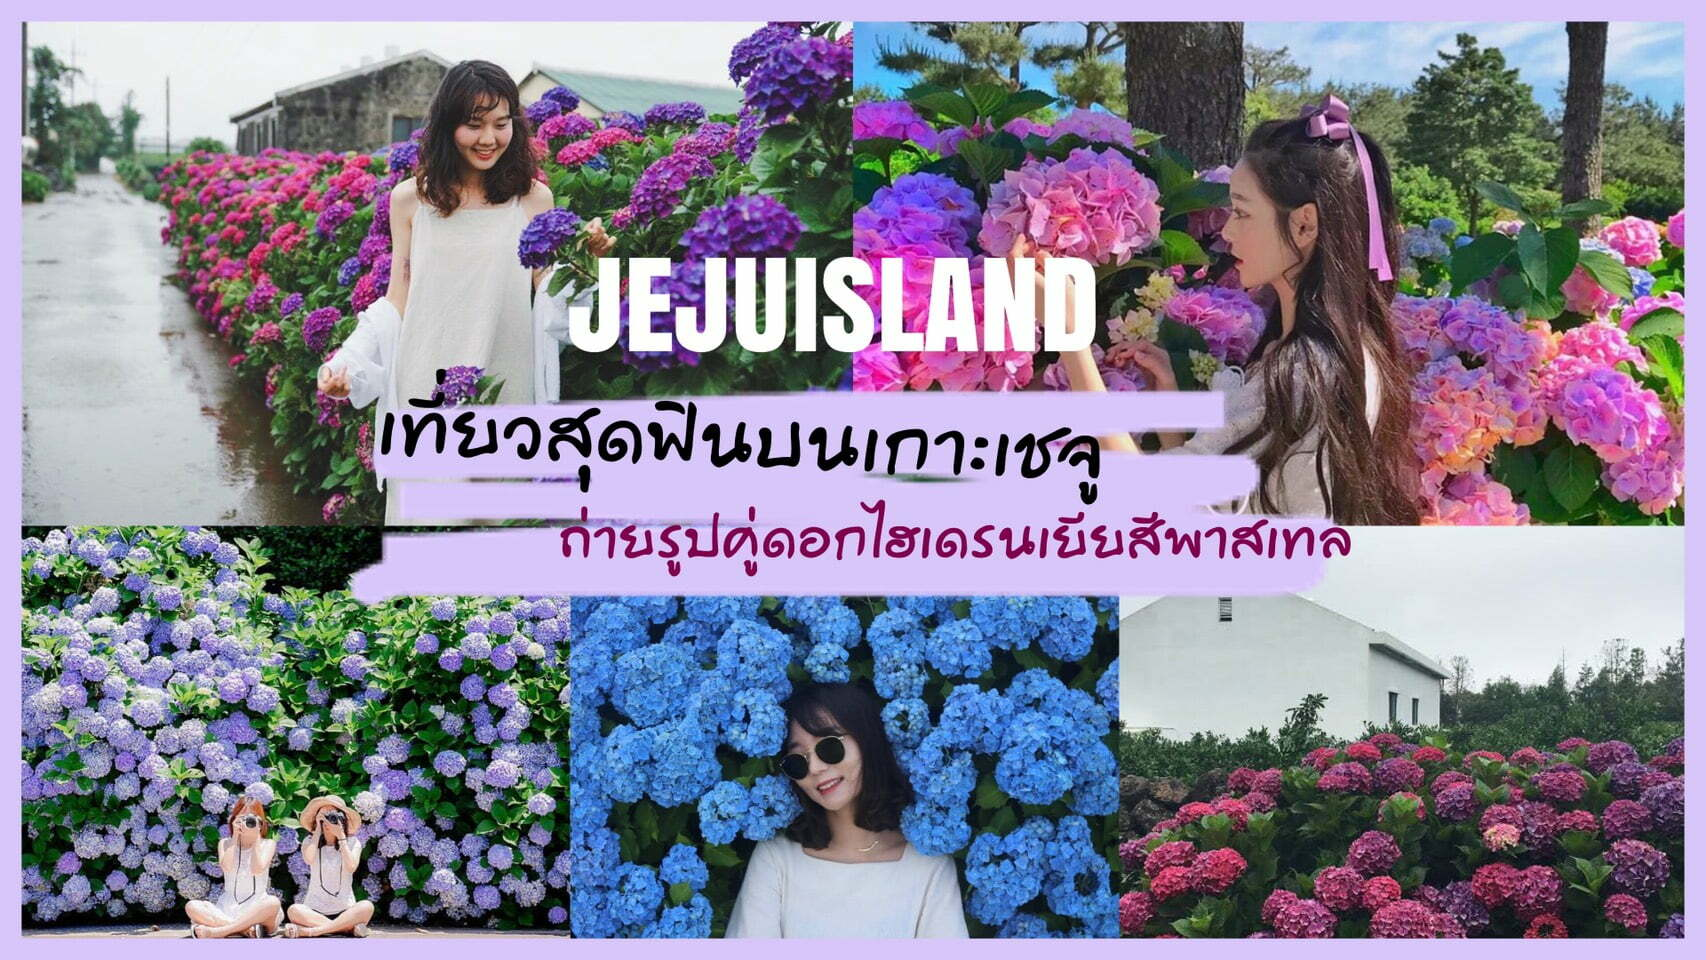 ทัวร์เกาหลี – เที่ยวสุดฟินบนเกาะเชจู ถ่ายรูปคู่ดอกไฮเดรนเยียสีพาสเทล